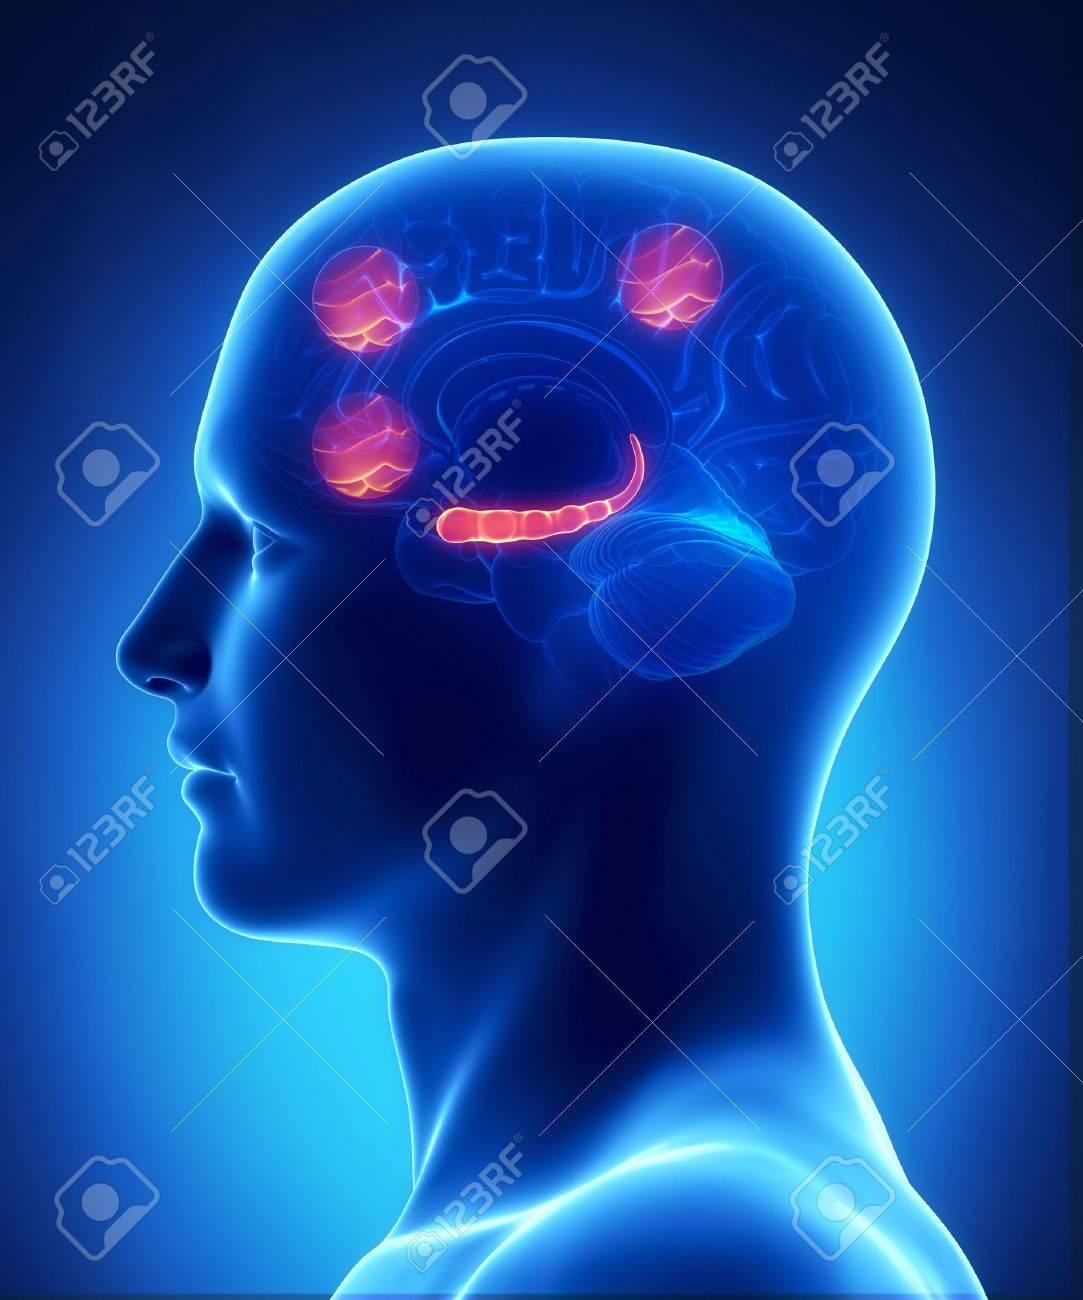 Präfrontalen Kortex Und Ein Teil Der Hirnrinde Occipital Der Intra ...